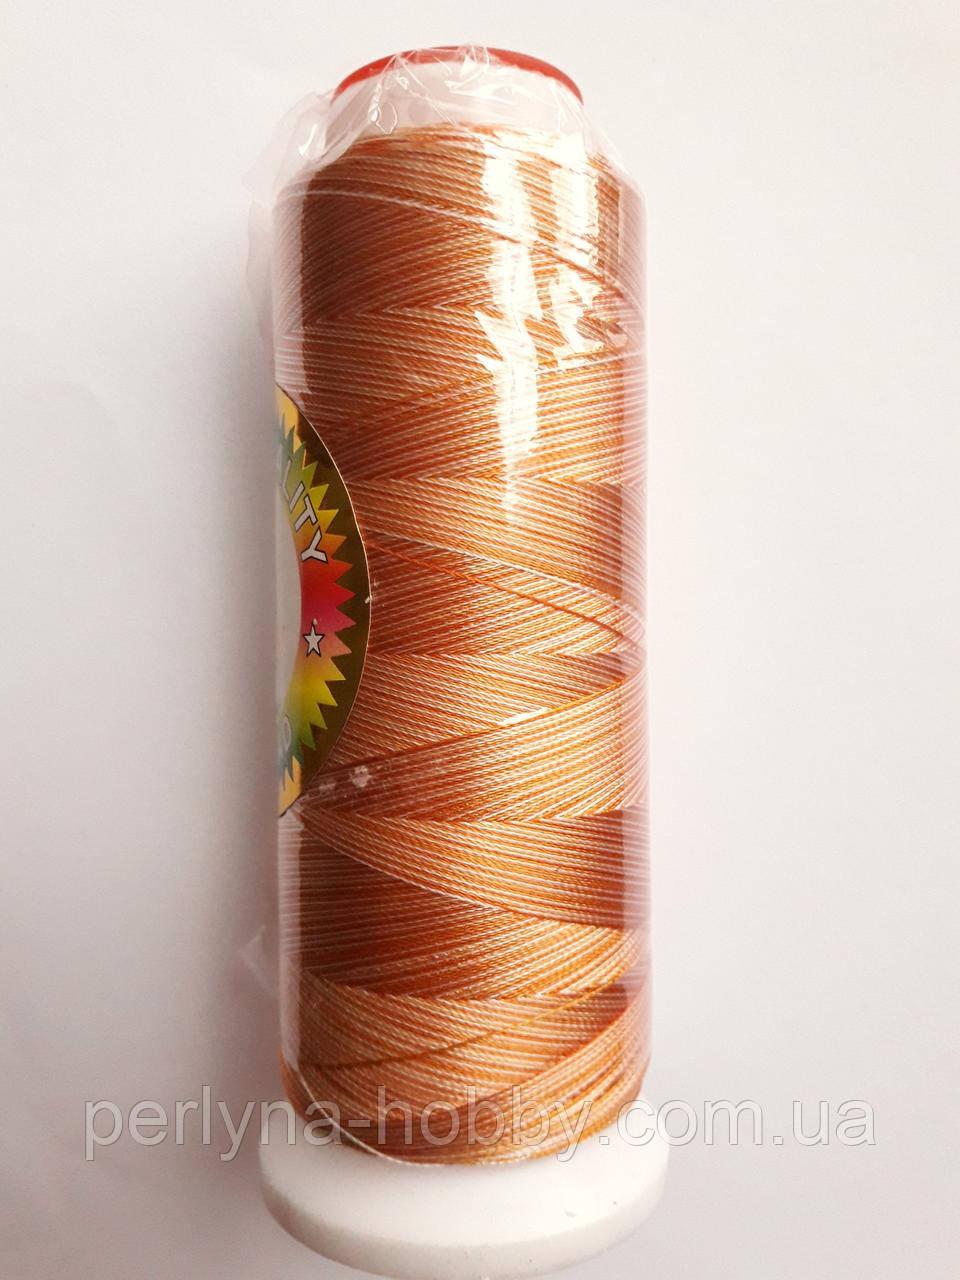 Нитки для машинної вишики меланж 100% віскоза (100% rayon) 3000 ярдів, № 034, оранжево-біла